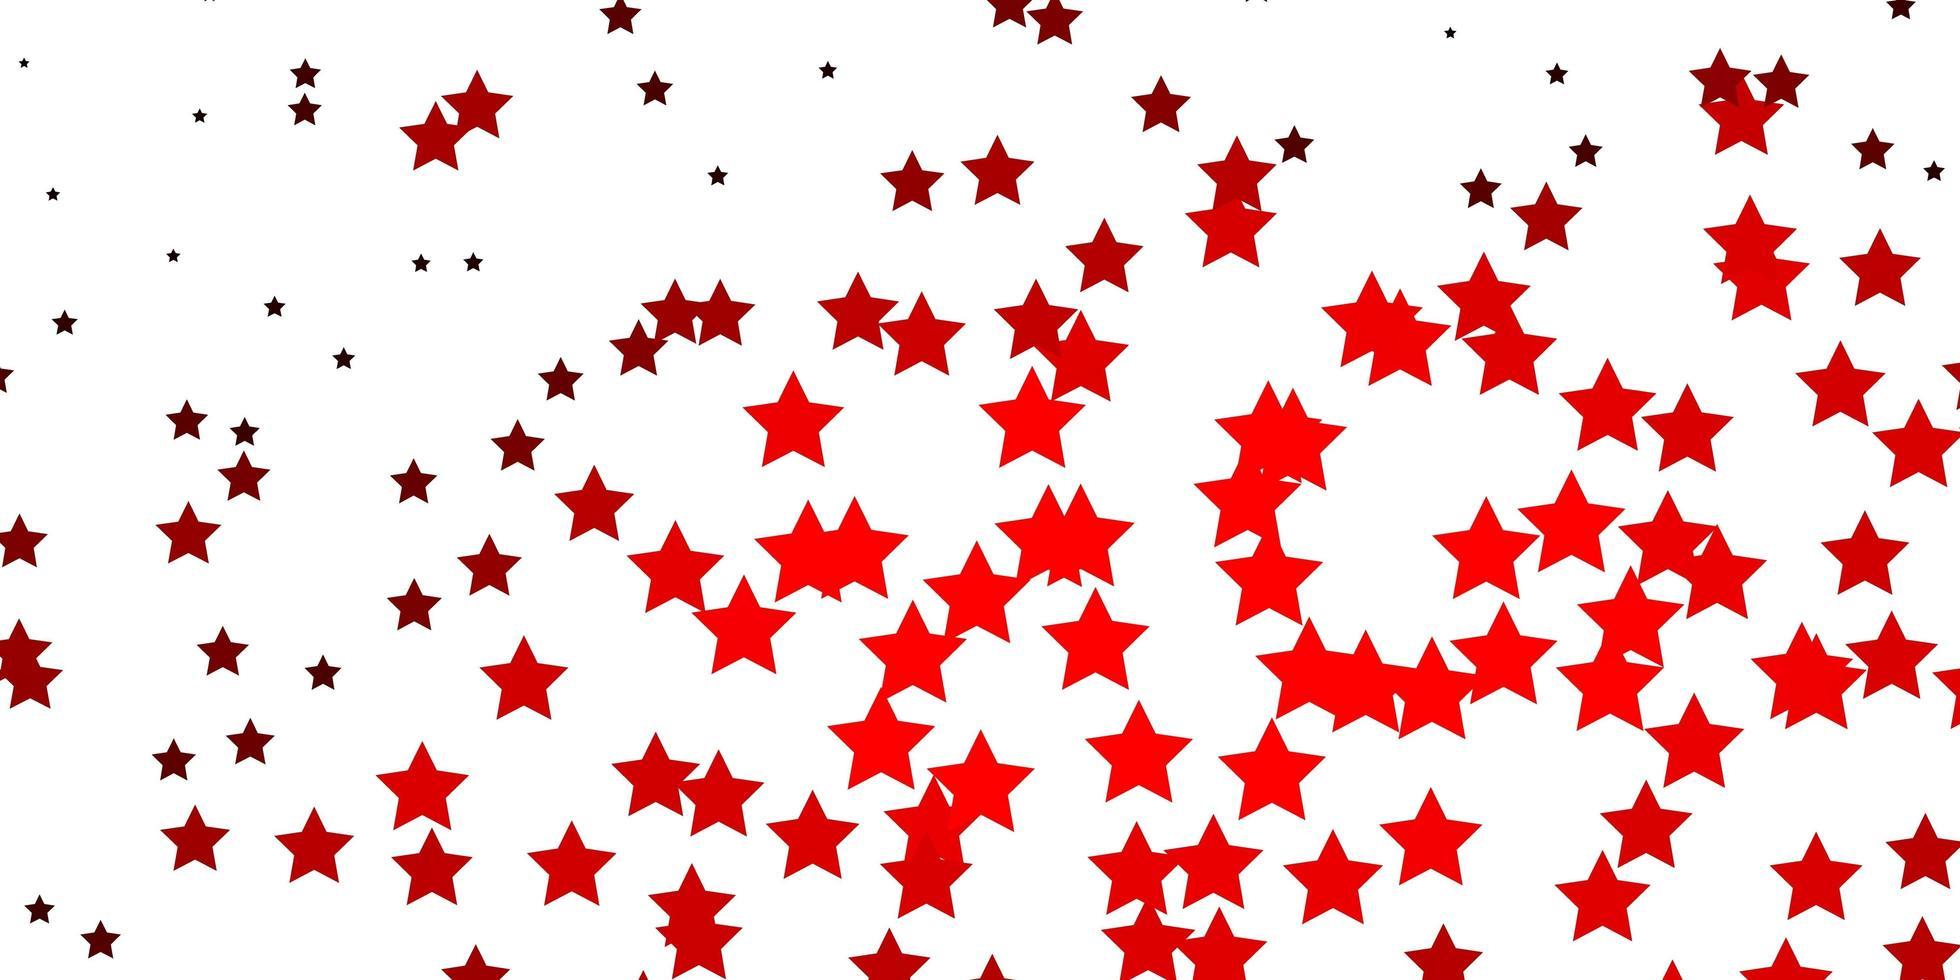 mörk röd vektor bakgrund med små och stora stjärnor